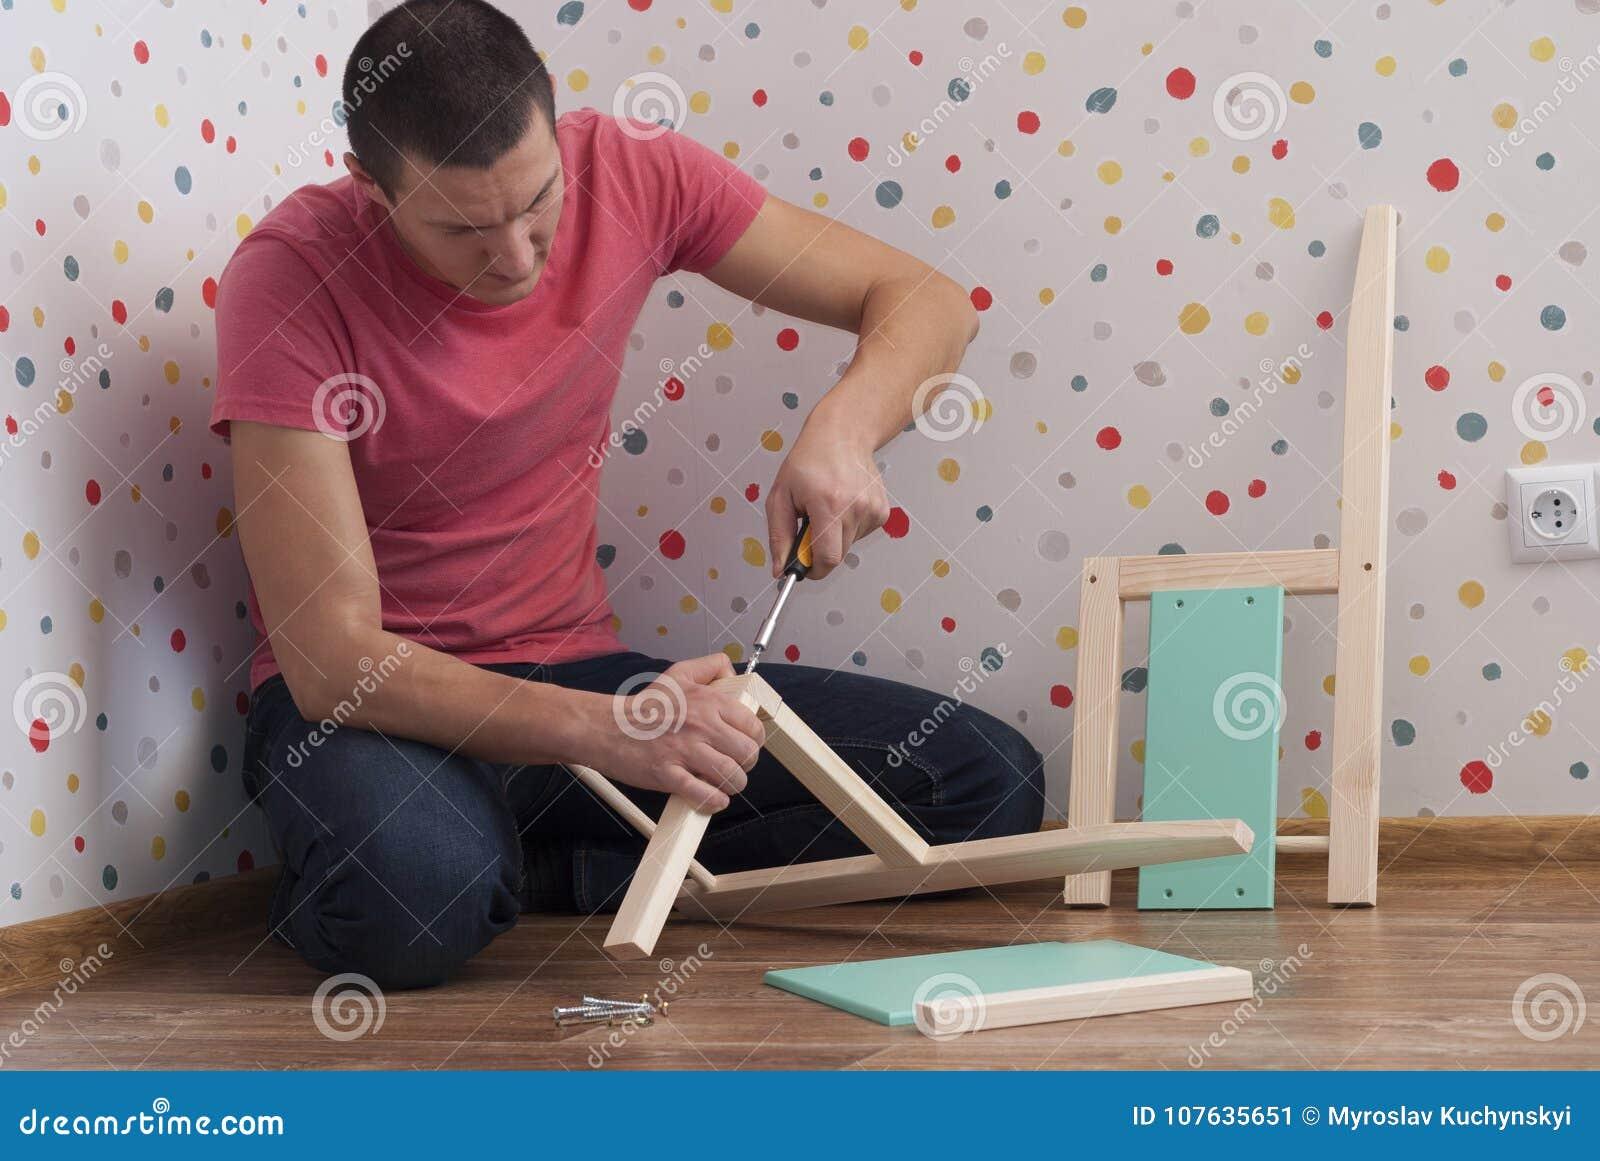 Fadern monterar en stol för barn